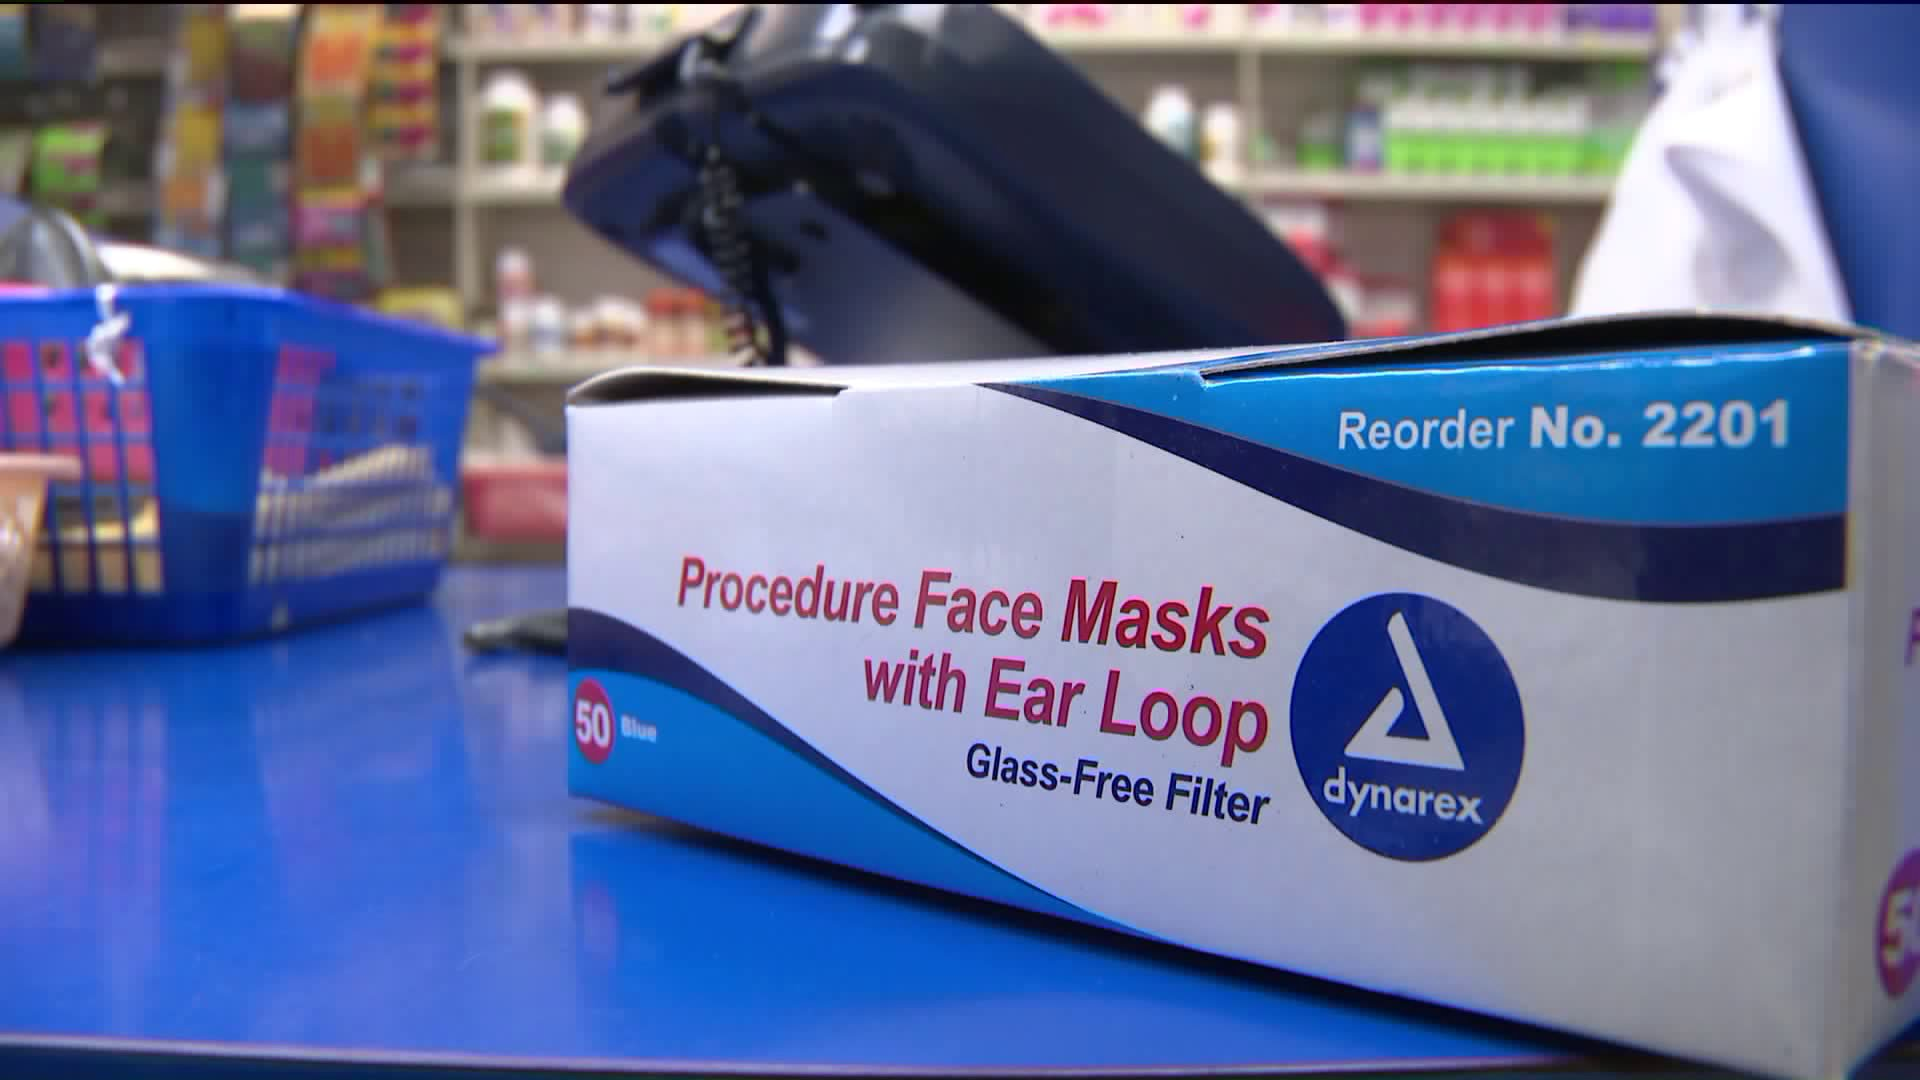 dynarex 2201 medical surgical face masks